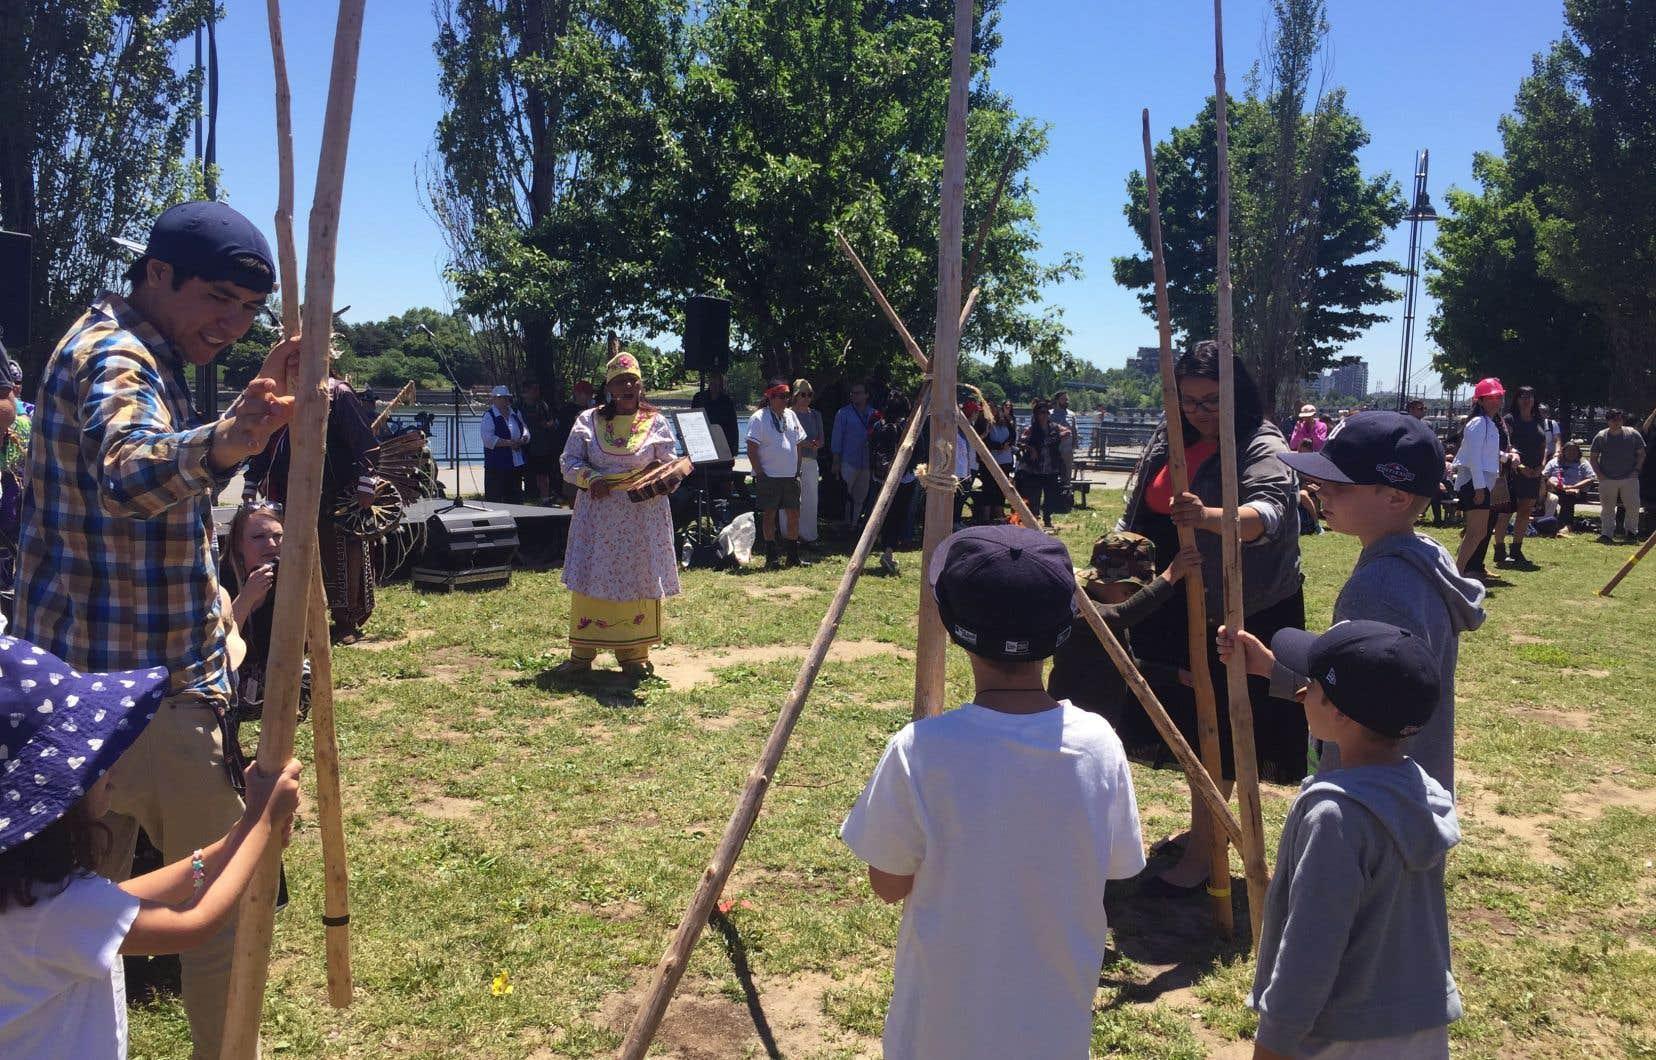 C'est dans un petit parc à l'ouest du quai de l'Horloge, dans le Vieux-Port de Montréal, que s'est tenue jeudi une cérémonie du feu, à l'occasion de la Journée nationale des peuples autochtones.